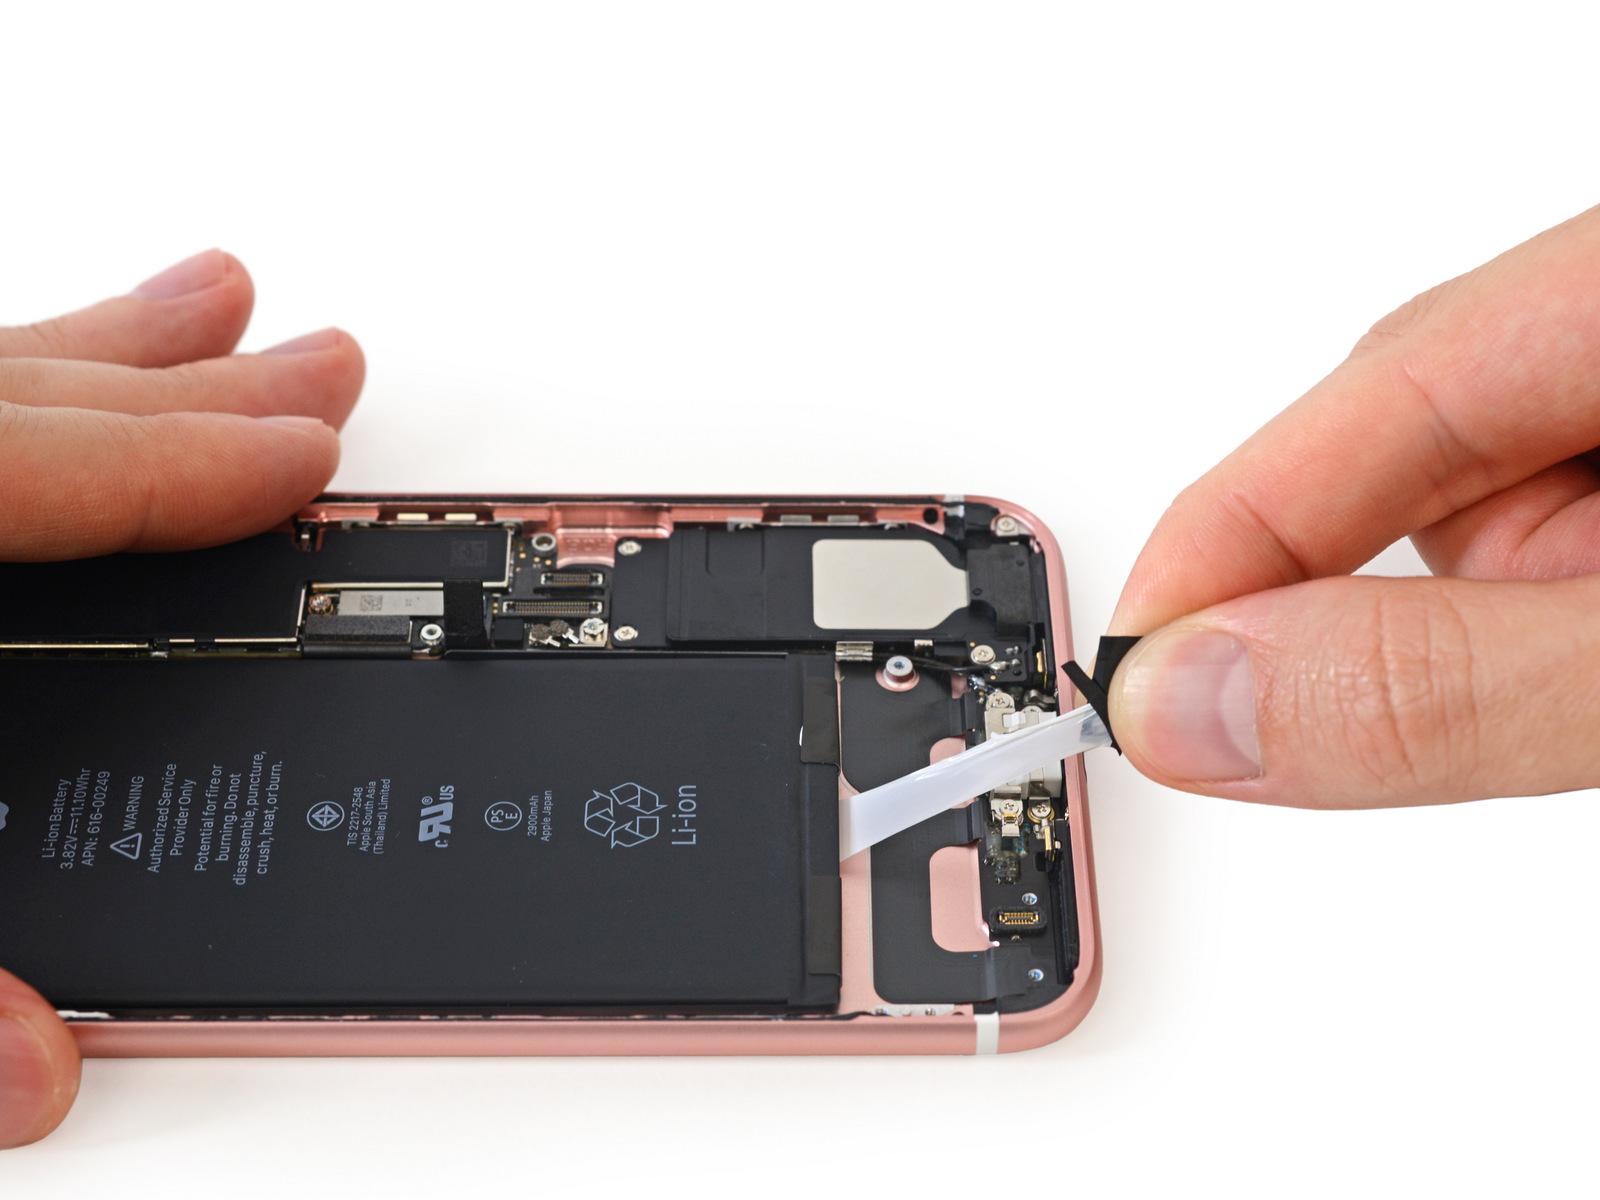 замена аккумулятора iPhone 7 Plus, замена батареи iPhone 7 Plus, Айфон 7 плюс не держит заряд